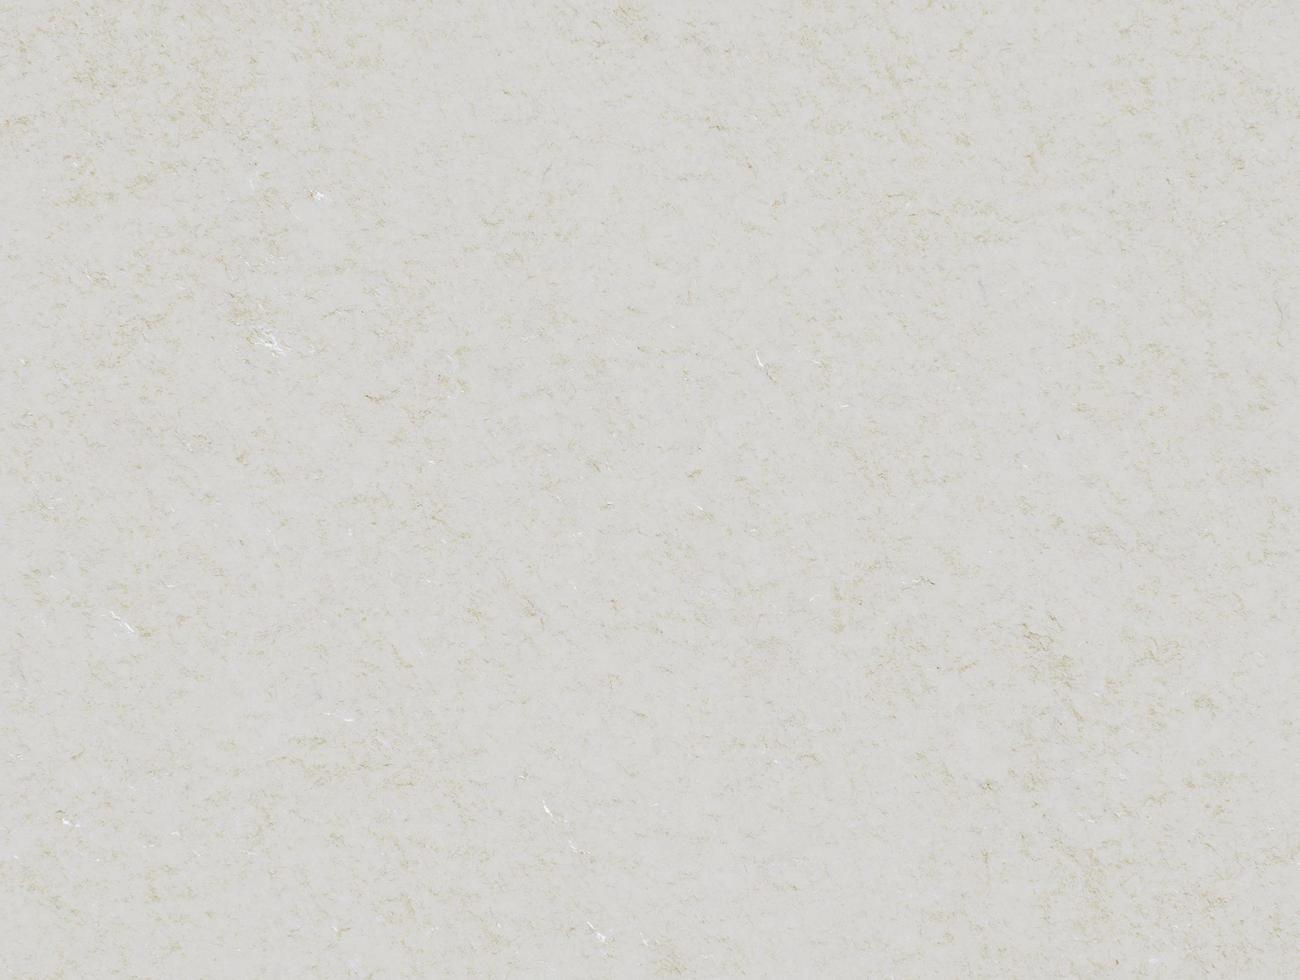 textura de pared limpia neutra foto